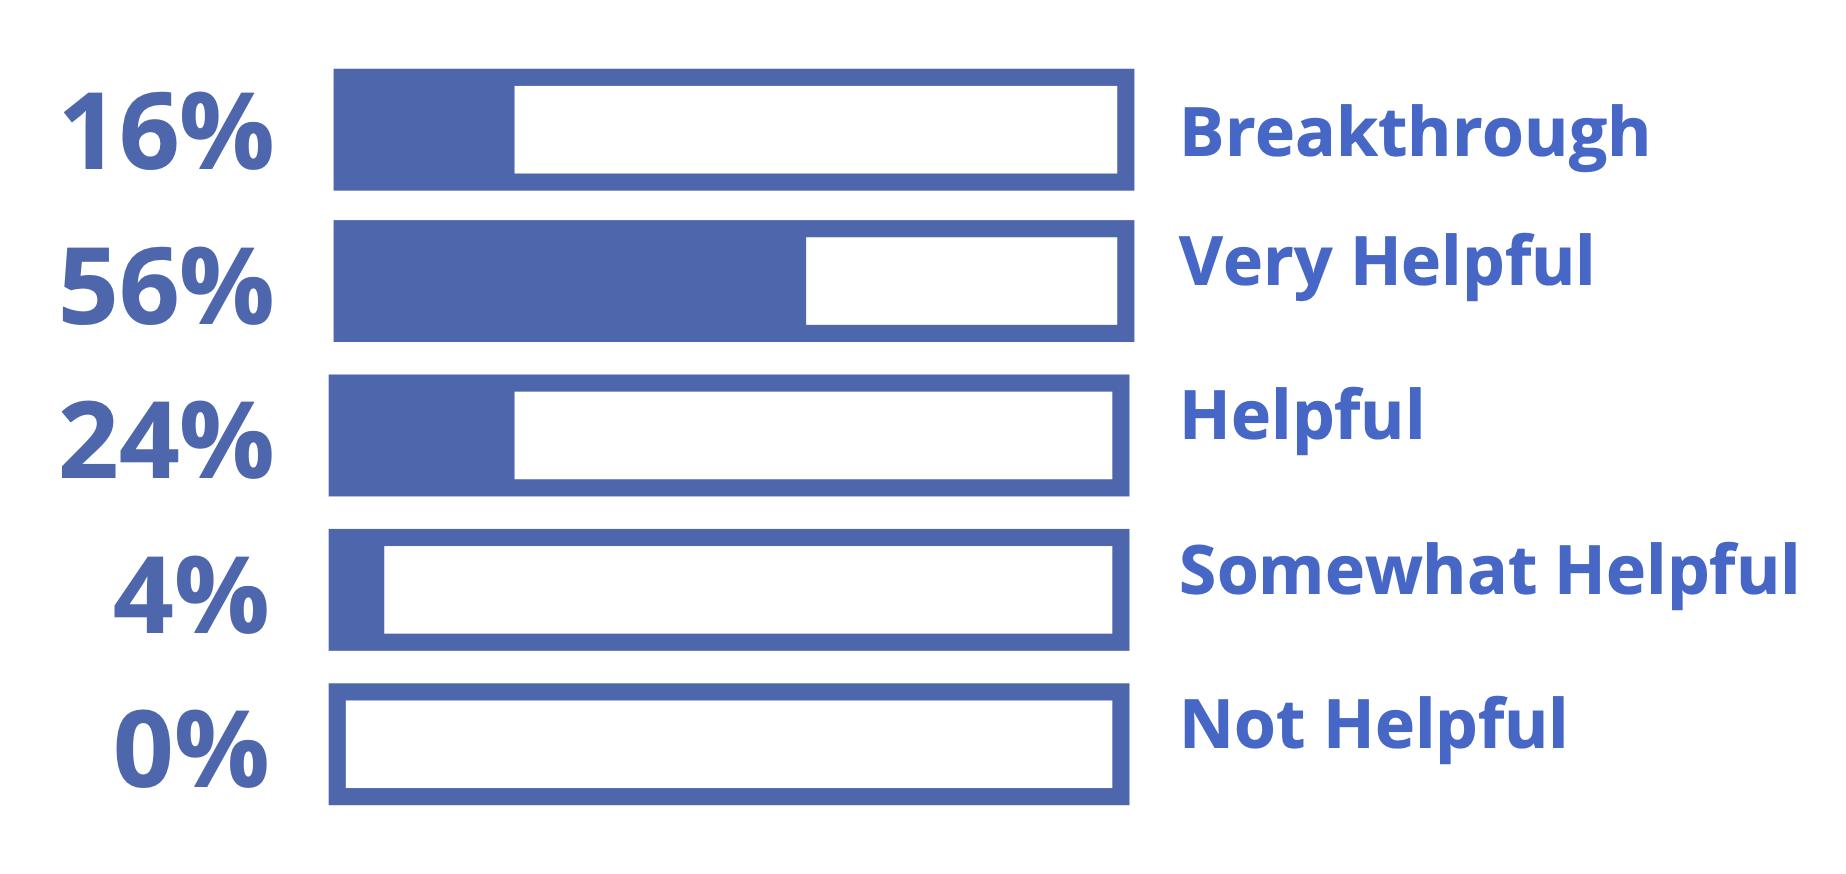 diagram: 16% breakthrough, 56% very helpful, 24% helpful, 4% somewhat helpful, 0% not helpful